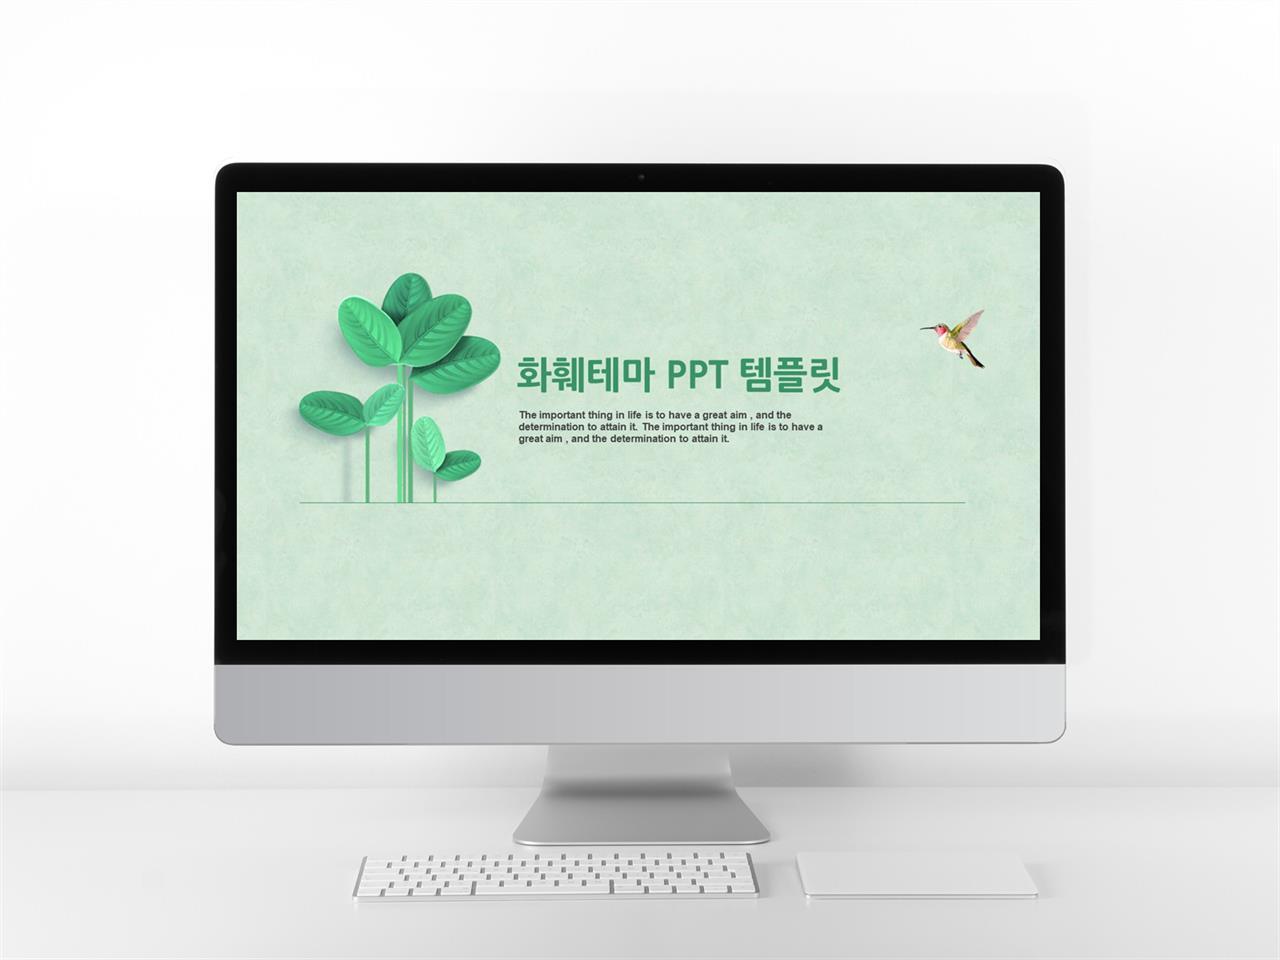 화초, 동식물 초록색 깜찍한 마음을 사로잡는 PPT템플릿 다운 미리보기